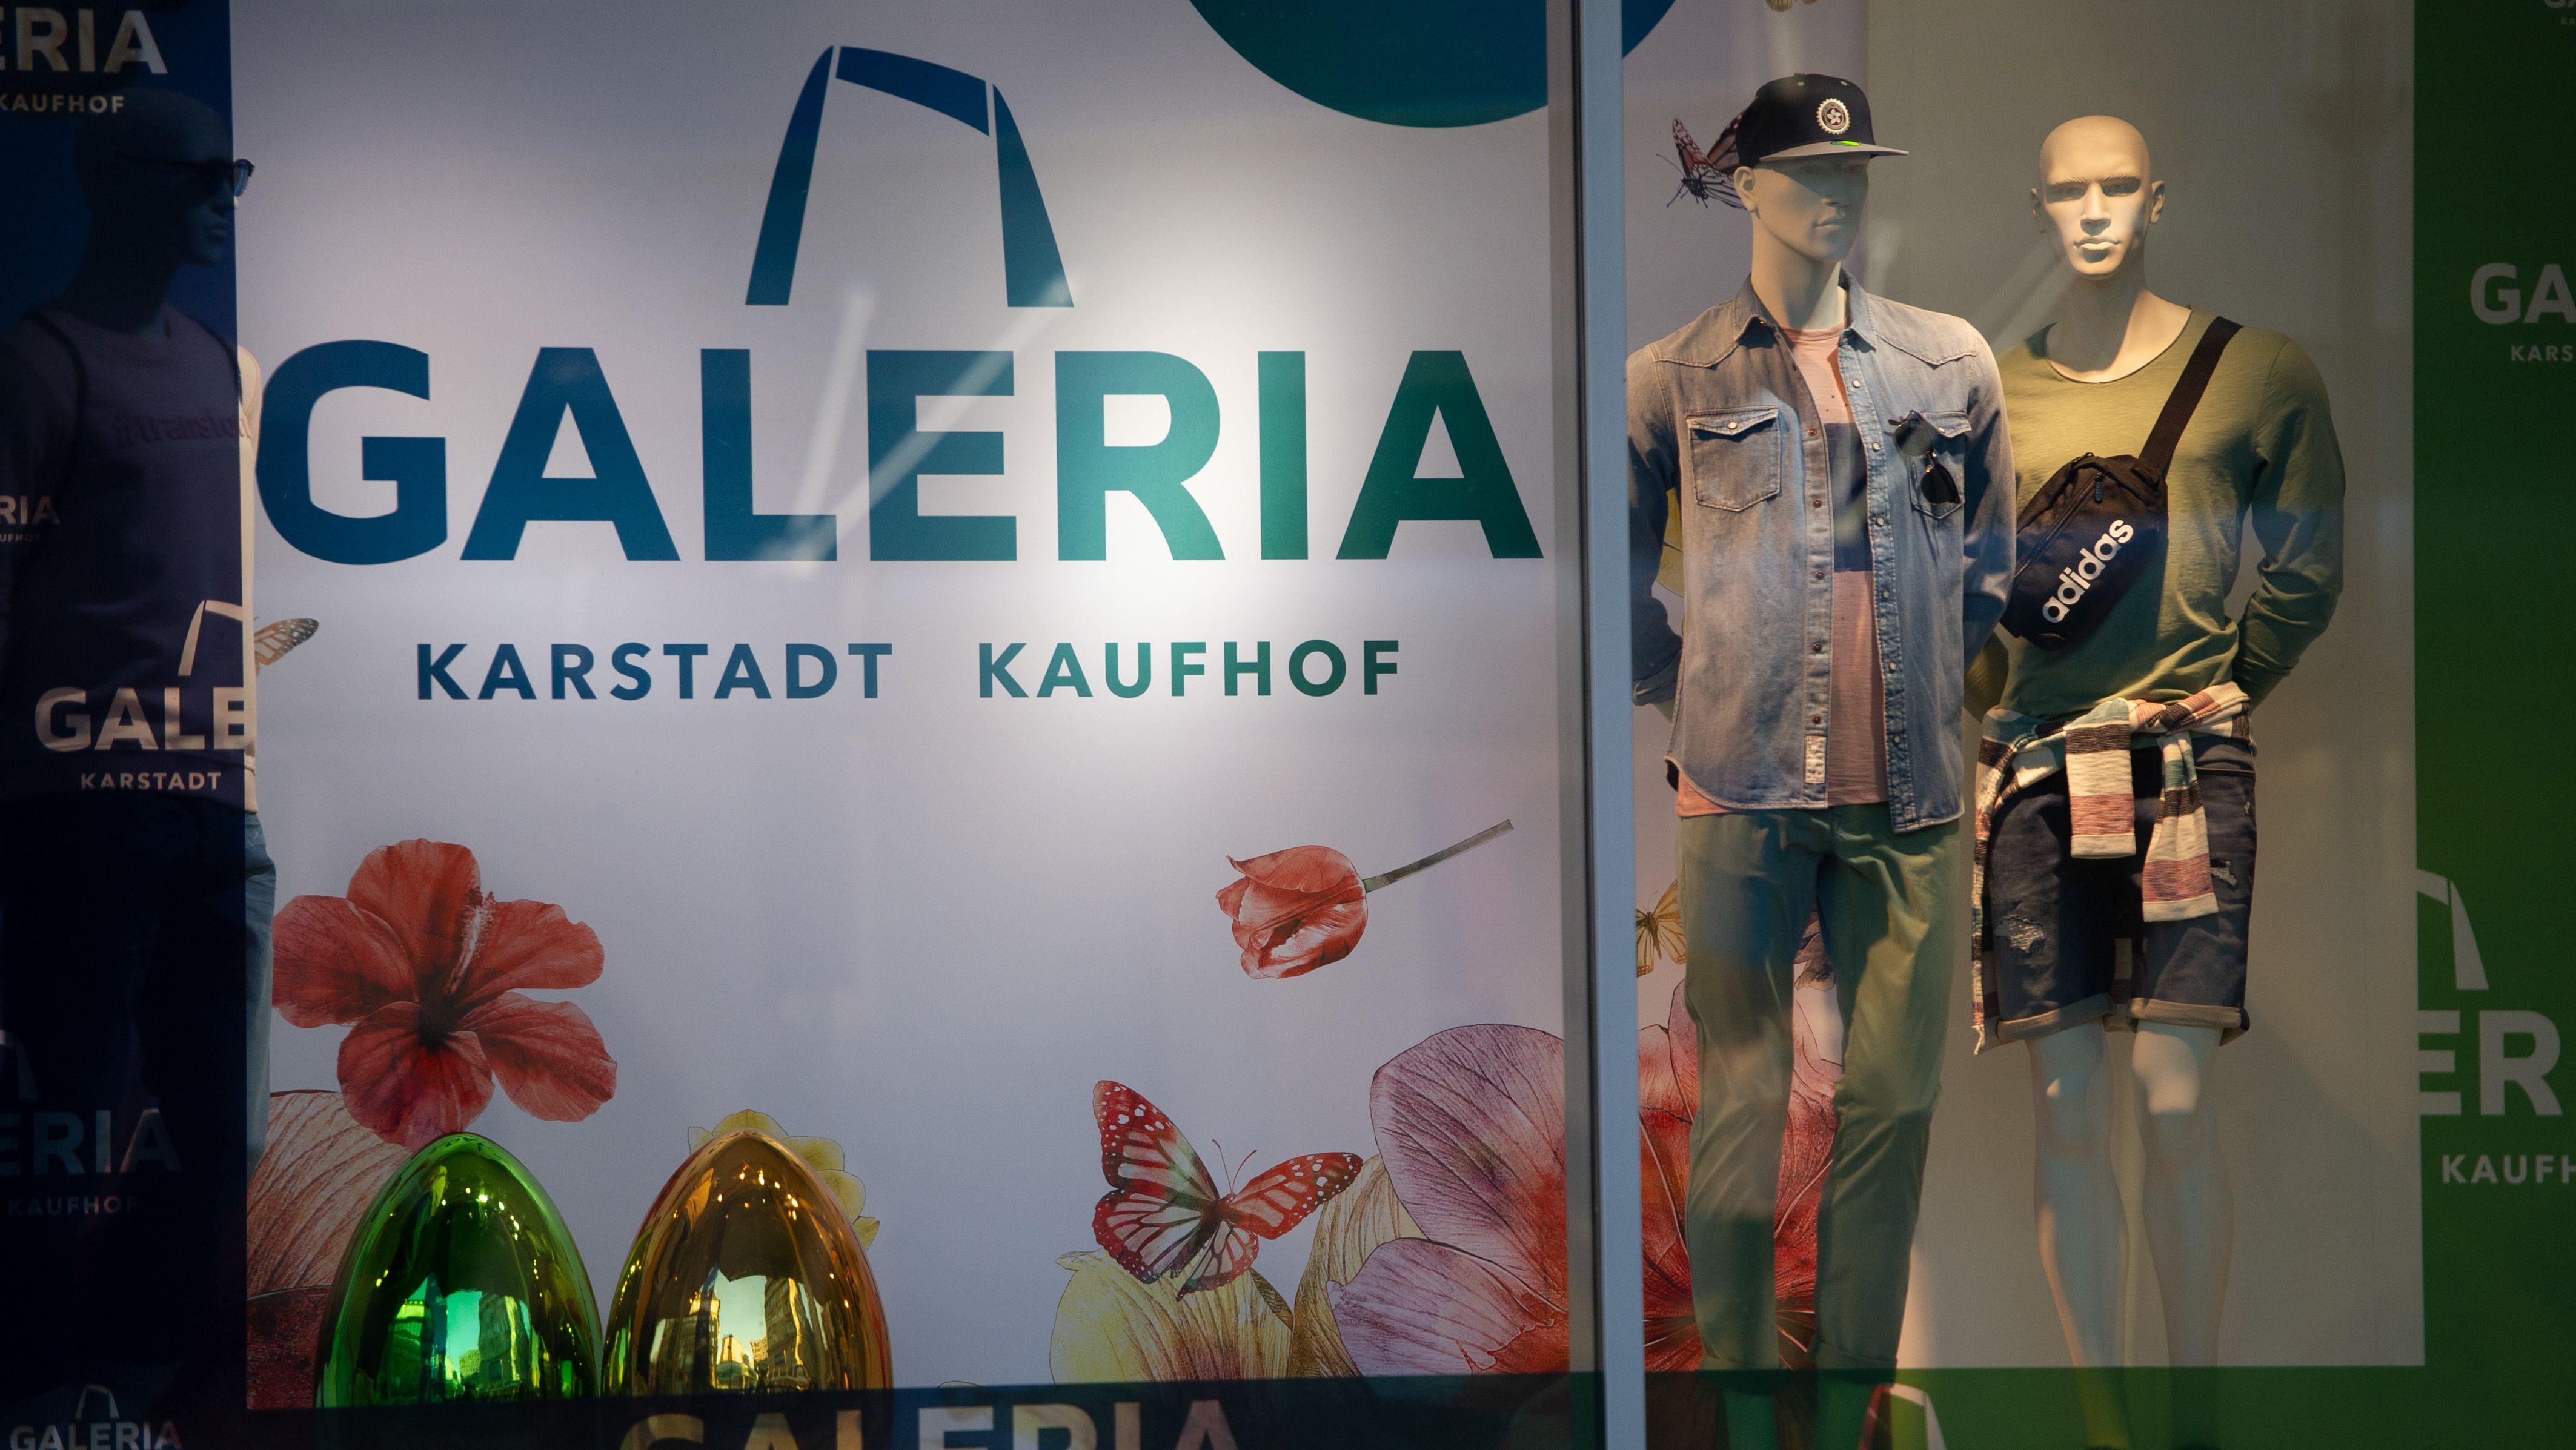 Das Schaufenster einer Filliale von Galeria Karstadt Kaufhof in Essen.